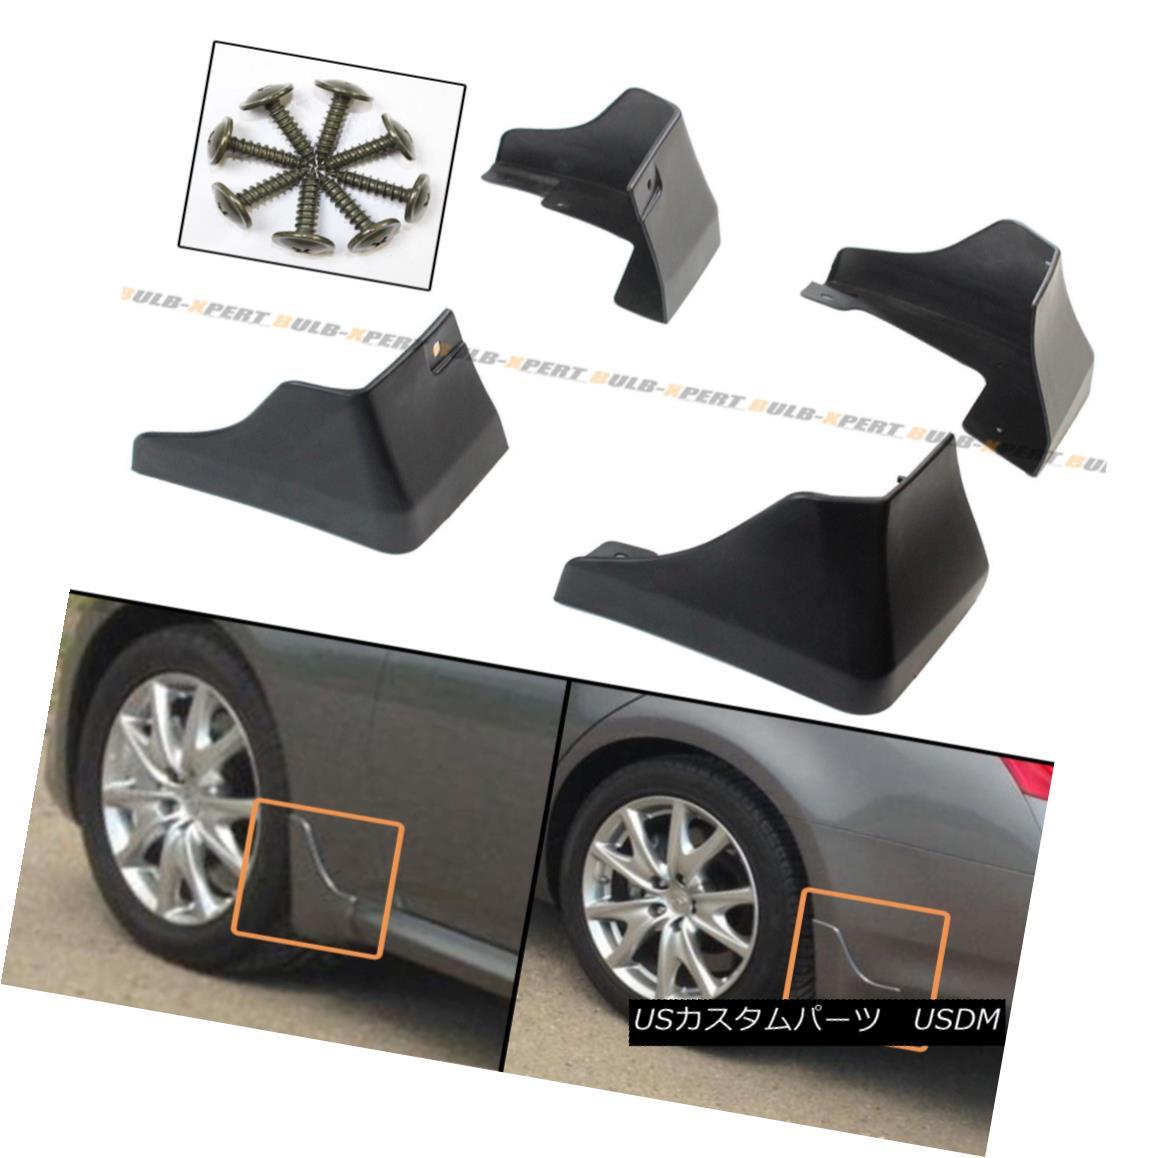 エアロパーツ For 2008-14 Infiniti G35 G25 G37 Q40 Sedan Front & Rear Splash Mud Flaps Guards 2008-14インフィニティG35 G25 G37 Q40セダンフロント& リアスプラッシュマッドフラップガード